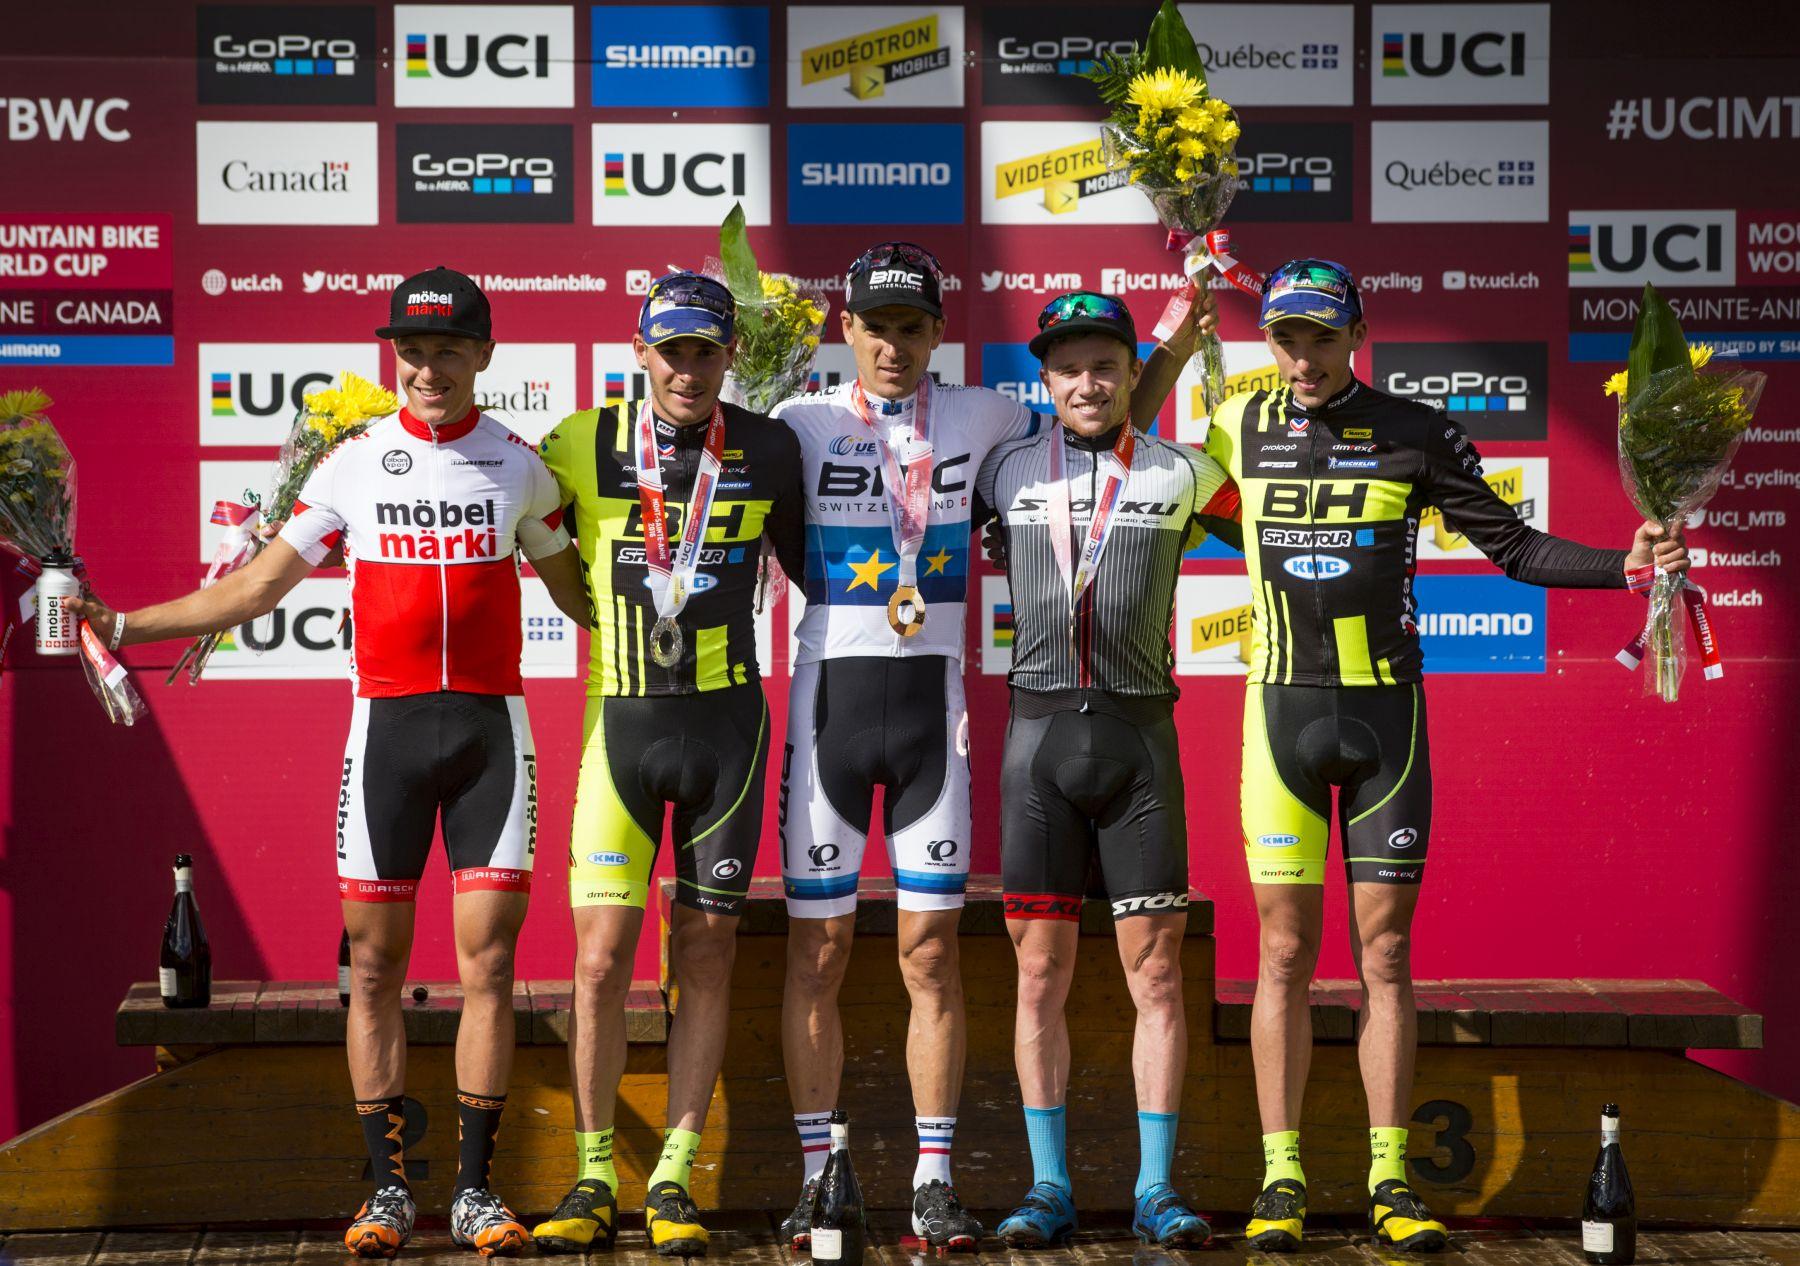 El podio elite masculino. Mathias Fluckiger y Matthias Stirnemann pusieron el toque suizo al top-5. La temporada de Stirnemann es brutal, un salto de calidad que pocos podían esperar.